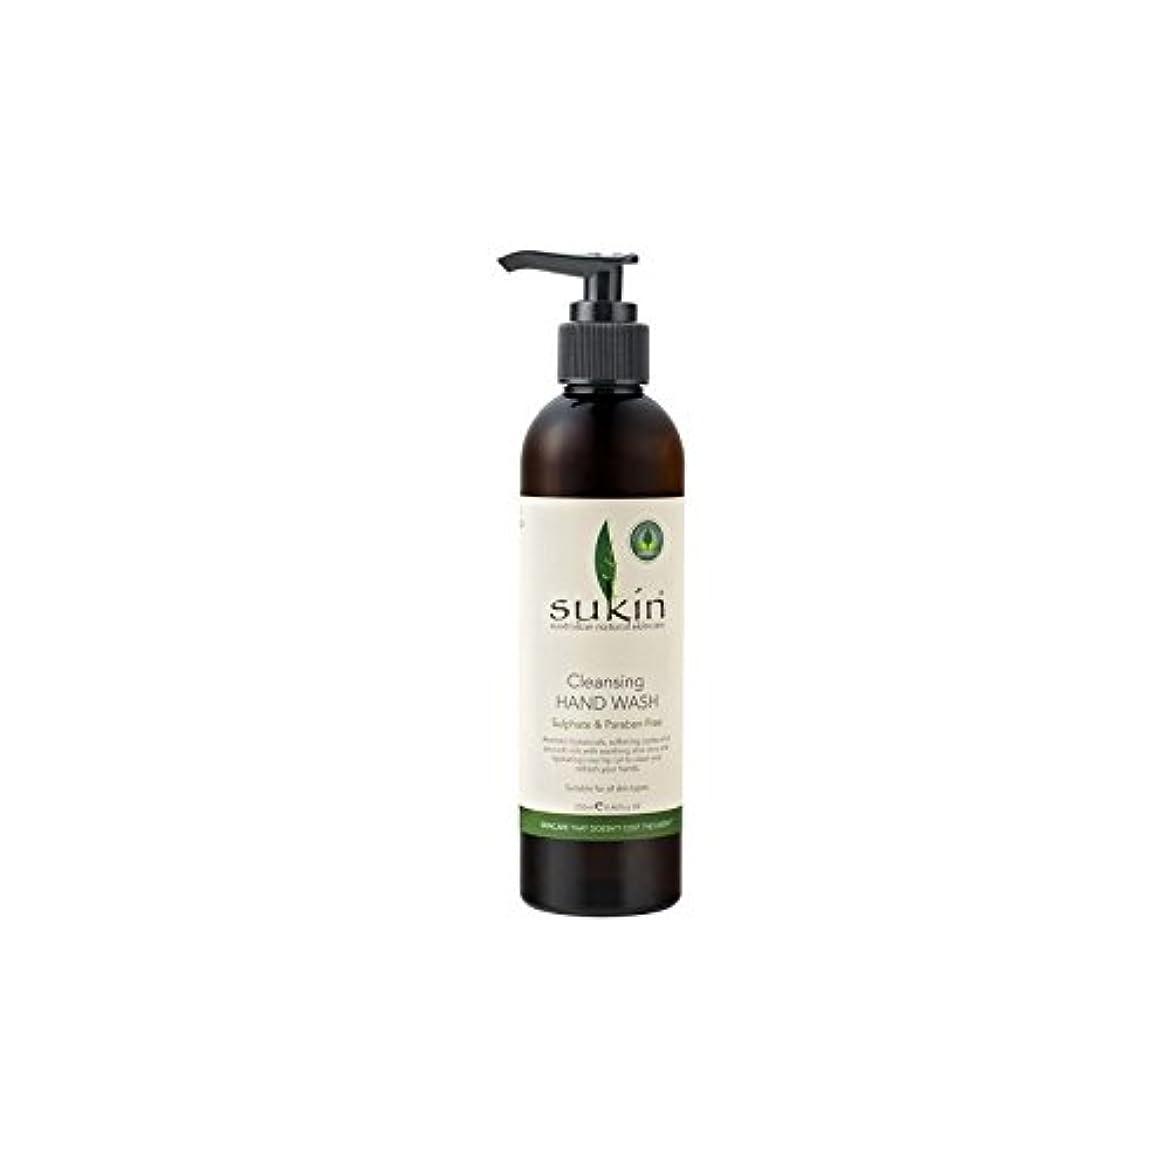 タンパク質コーデリアドラッグSukin Cleansing Hand Wash (250ml) (Pack of 6) - クレンジングハンドウォッシュ(250ミリリットル) x6 [並行輸入品]